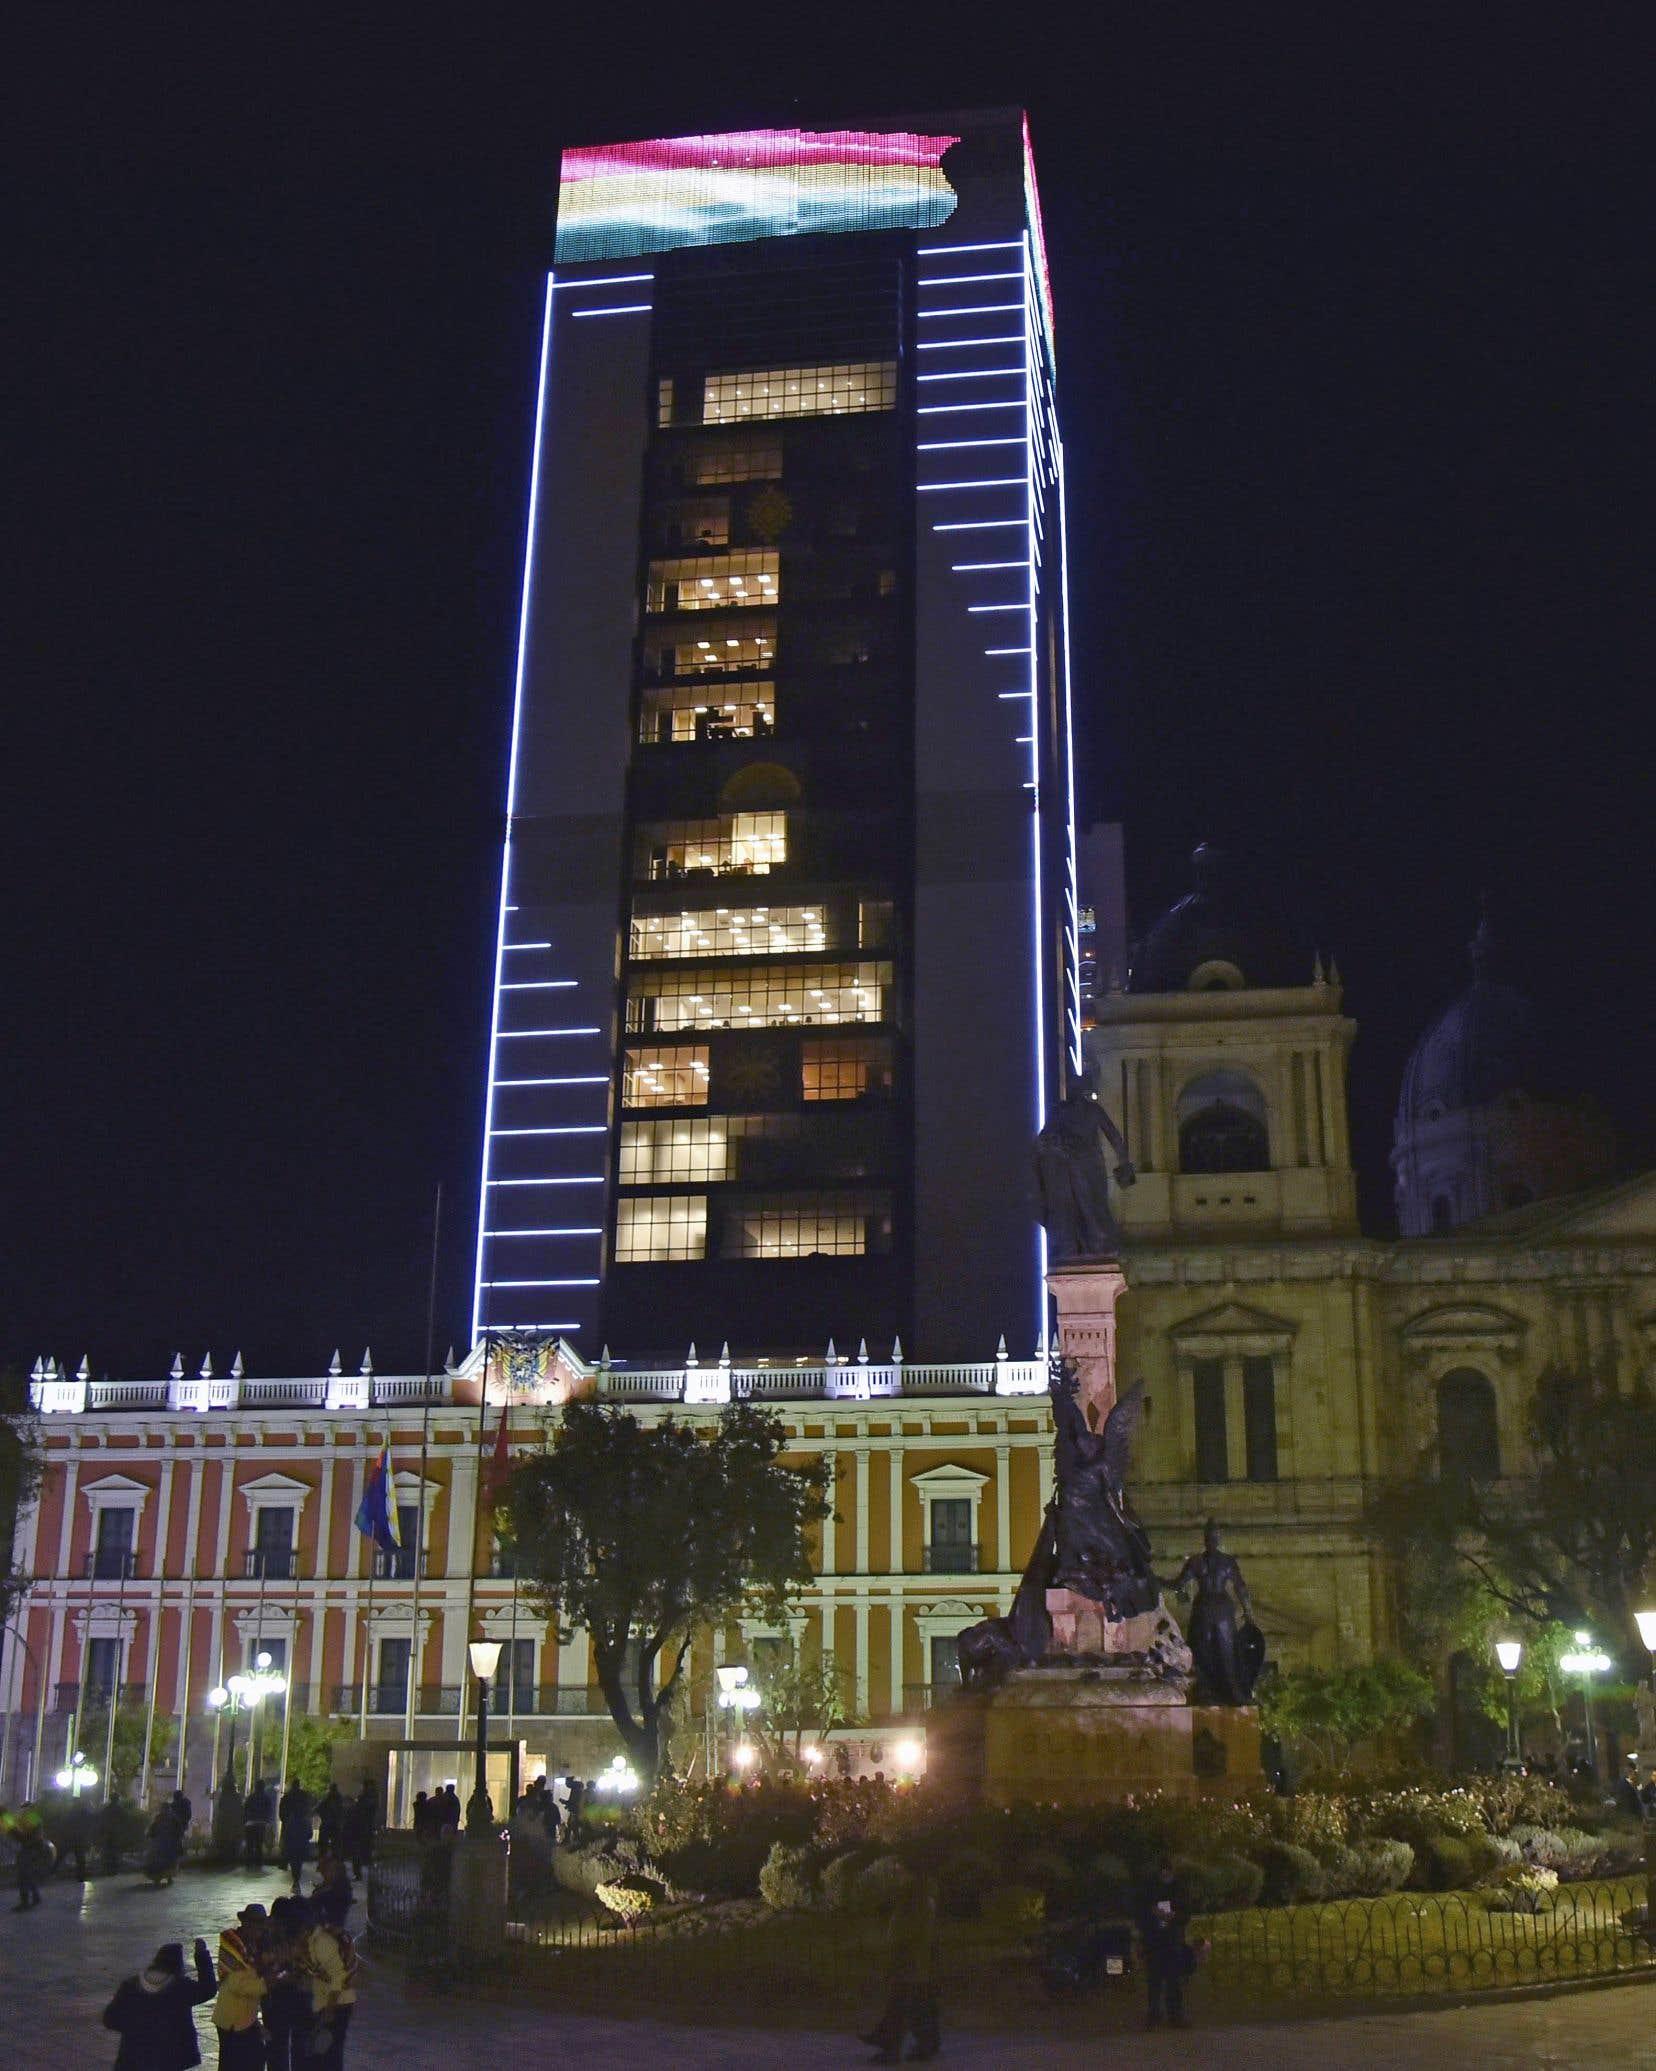 Un gratte-ciel de 29 étages flambant neuf, dans le centre historique de LaPaz, la nouvelle résidence d'Evo Morales, président de la Bolivie depuis 12ans, et probable candidat à un quatrième mandat aux élections de 2019, divise la société bolivienne.